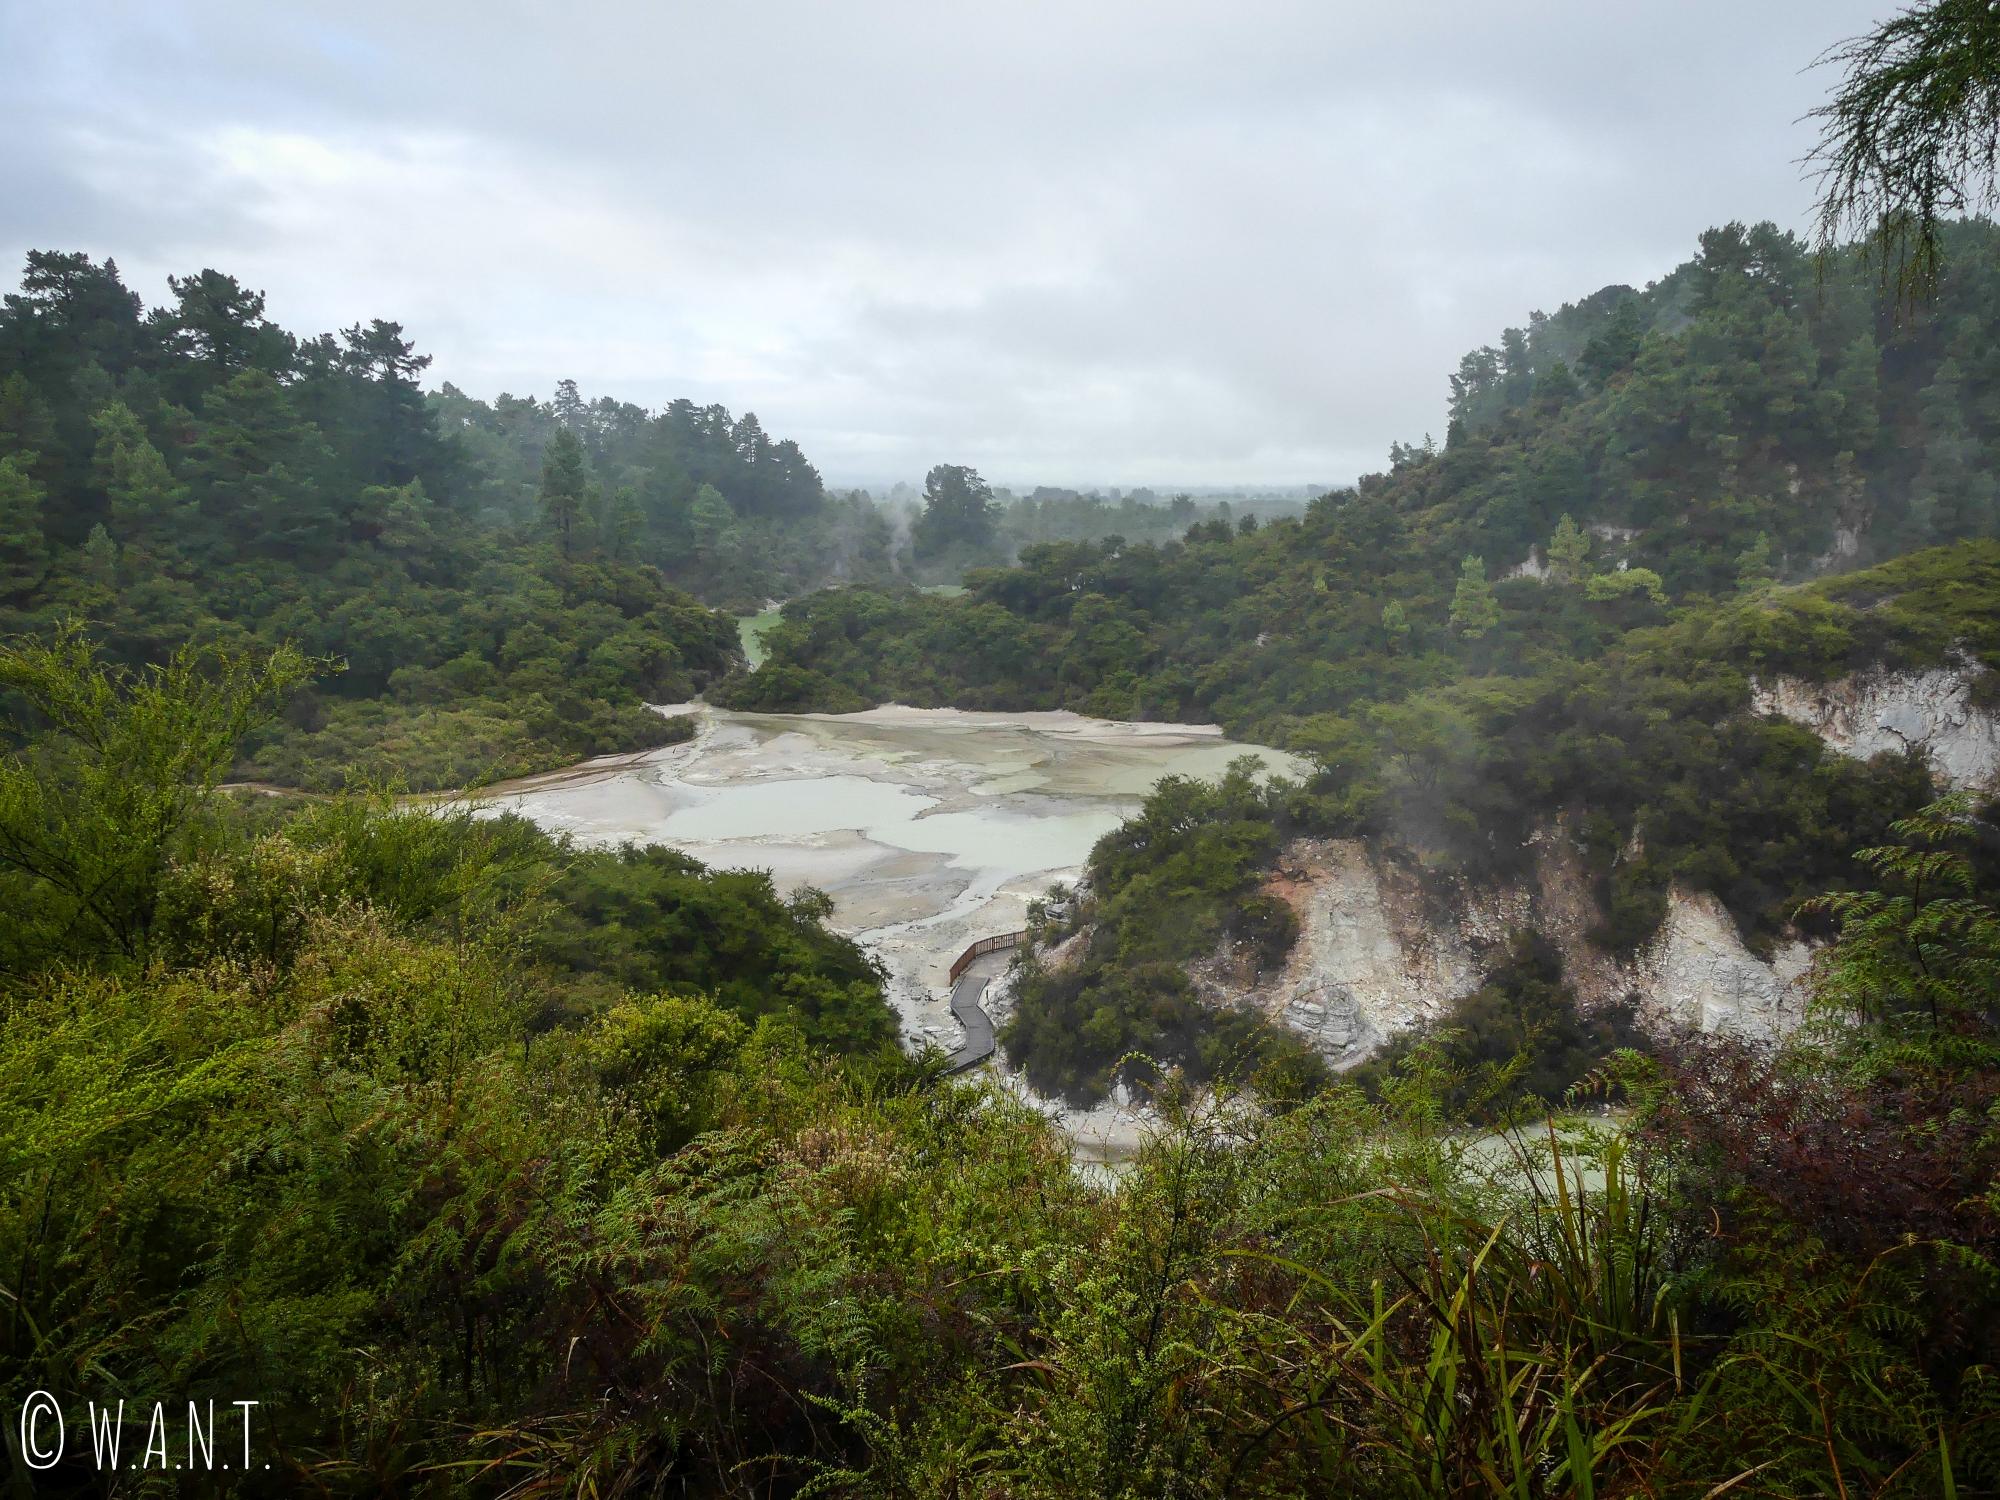 Le site de Wai-O-Tapu en Nouvelle-Zélande permet de découvrir des paysages tout à fait impressionnants